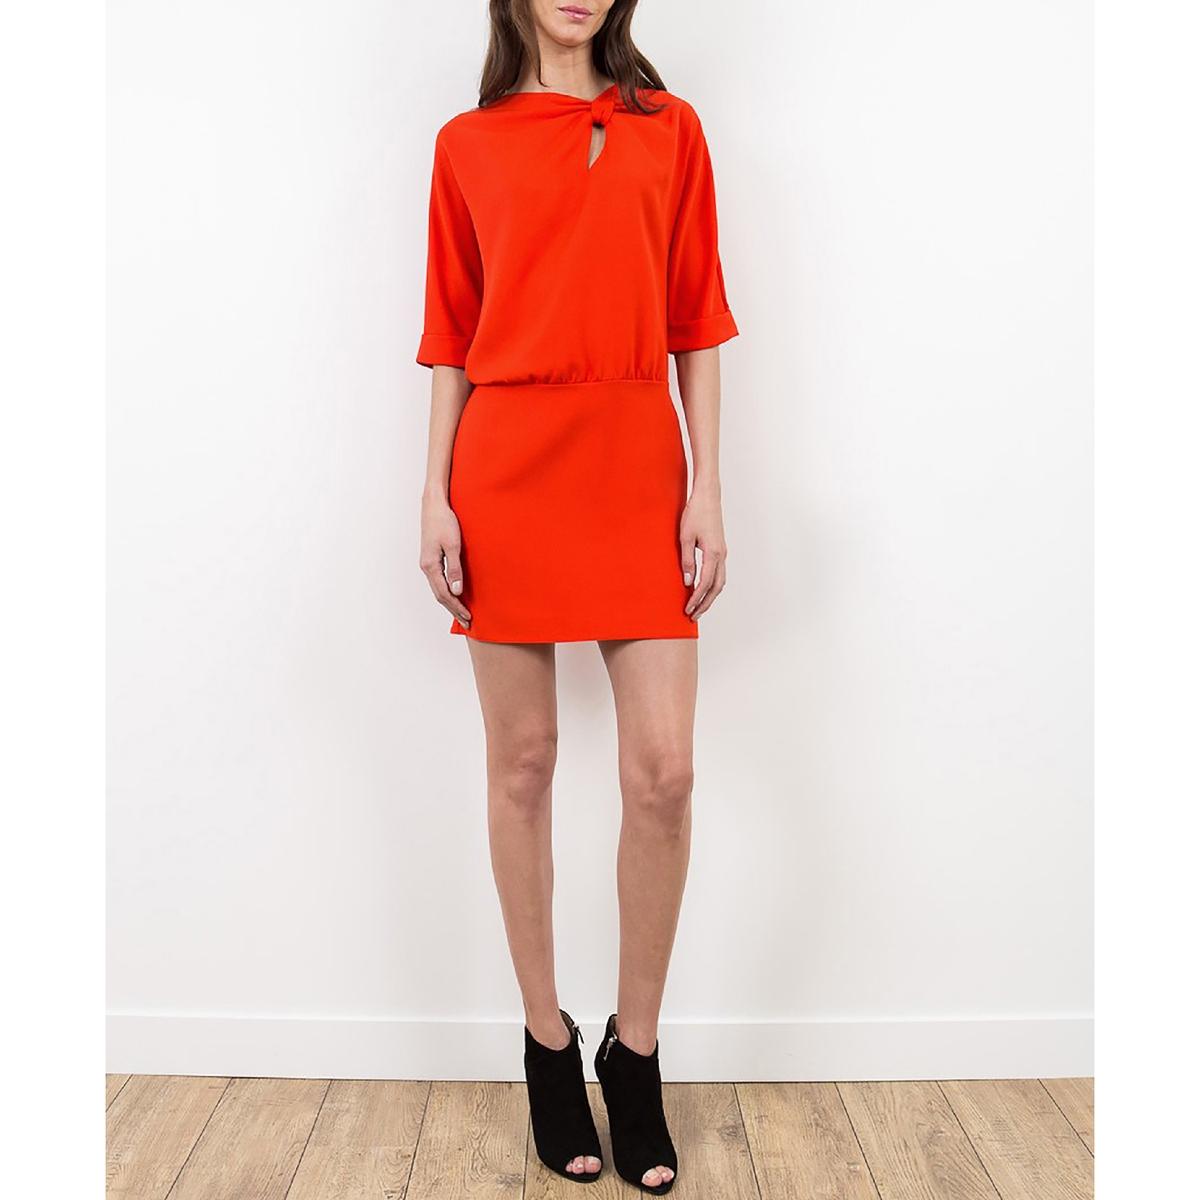 Платье с рукавами 3/4, и ремешком LENNY B, REPONSEСостав и описание :Материал : 100% полиэстераМарка : LENNY B<br><br>Цвет: коралловый,черный